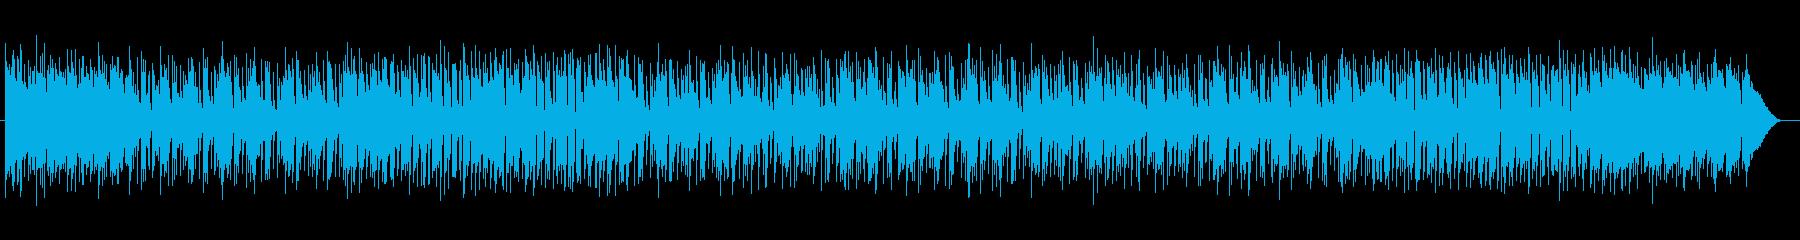 朗らかで温かみのある和み系癒しポップスの再生済みの波形